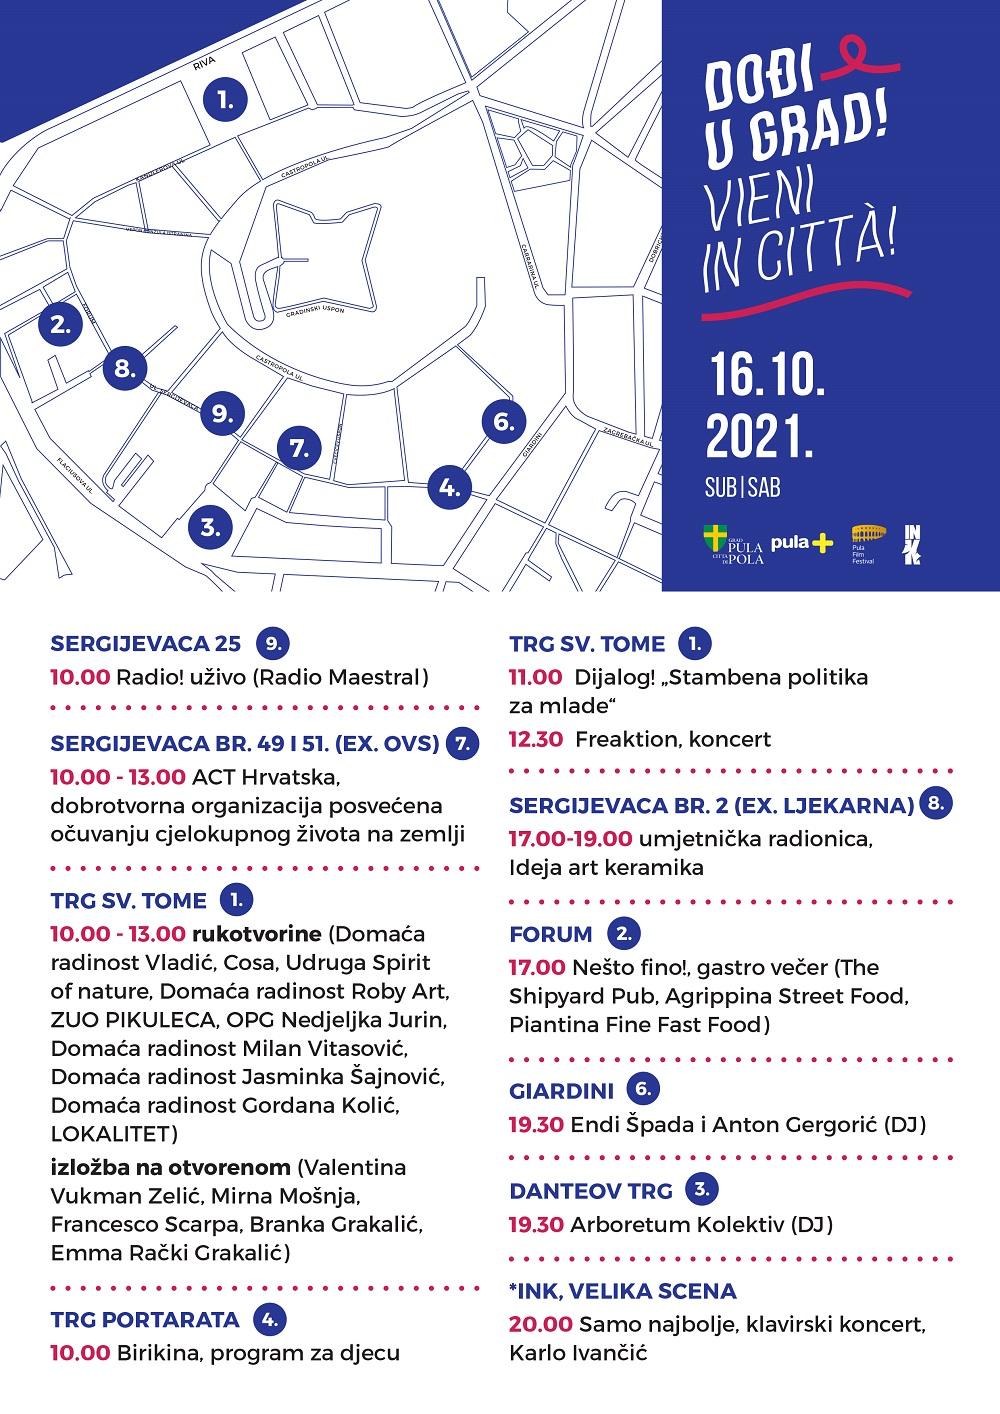 Program subota 16.10. - Dođi u grad